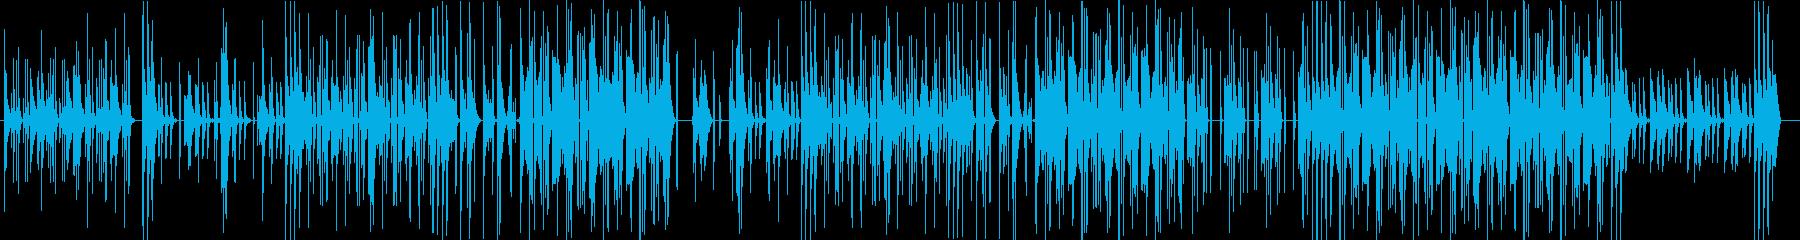 野生的で虜にするHipHopの再生済みの波形